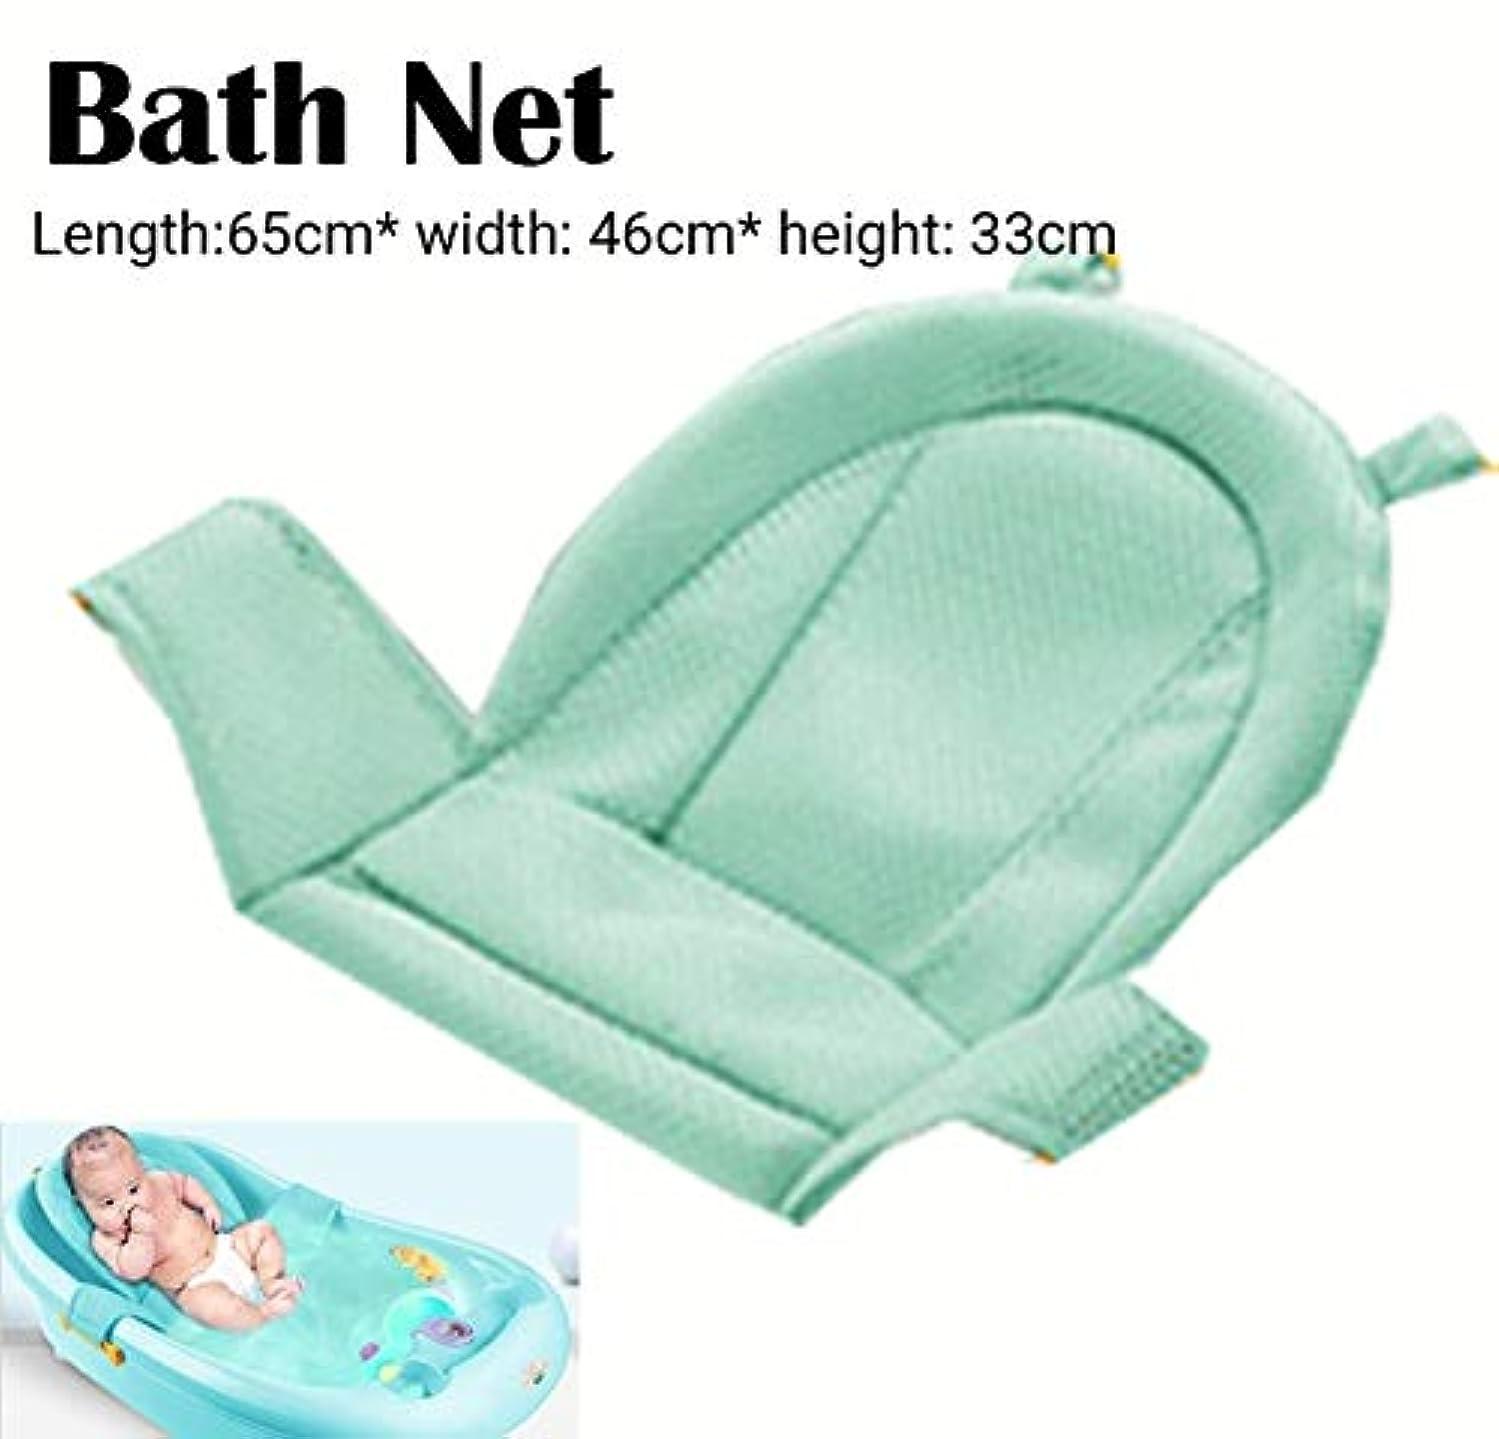 飽和する飲み込む取得するSMART 漫画ポータブル赤ちゃんノンスリップバスタブシャワー浴槽マット新生児安全セキュリティバスエアクッション折りたたみソフト枕シート クッション 椅子